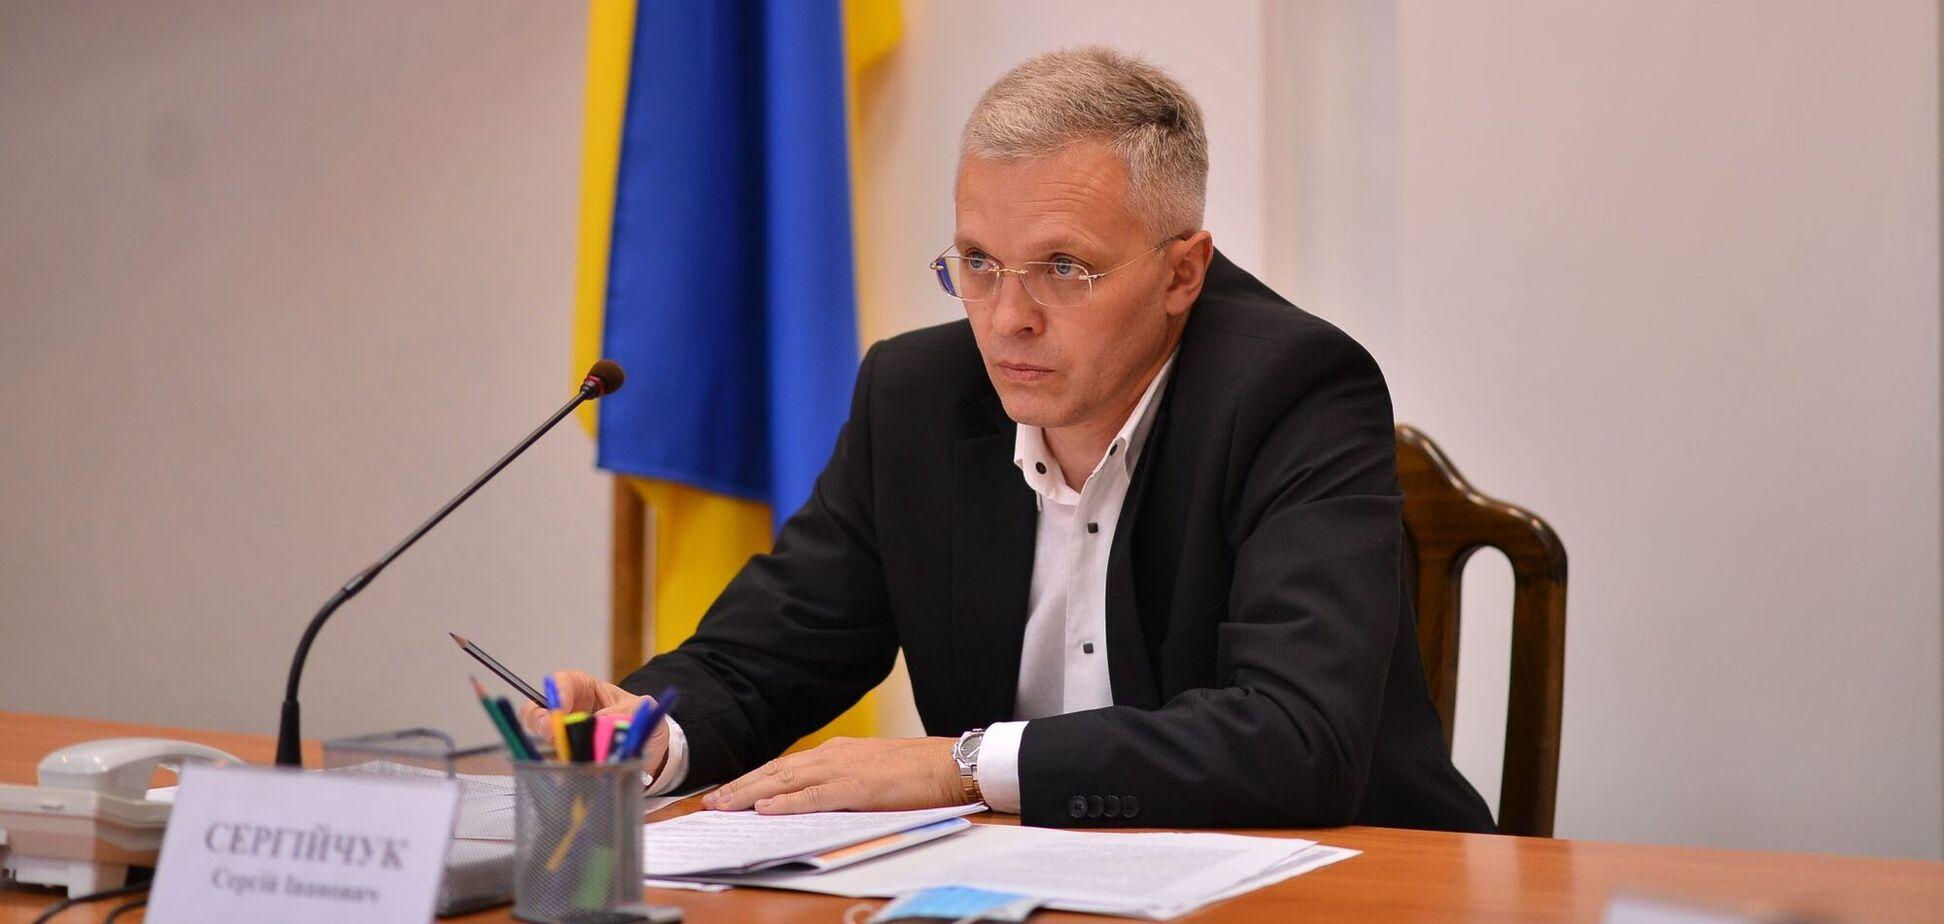 Бывший глава Черкасской областной администрации Сергей Сергийчук